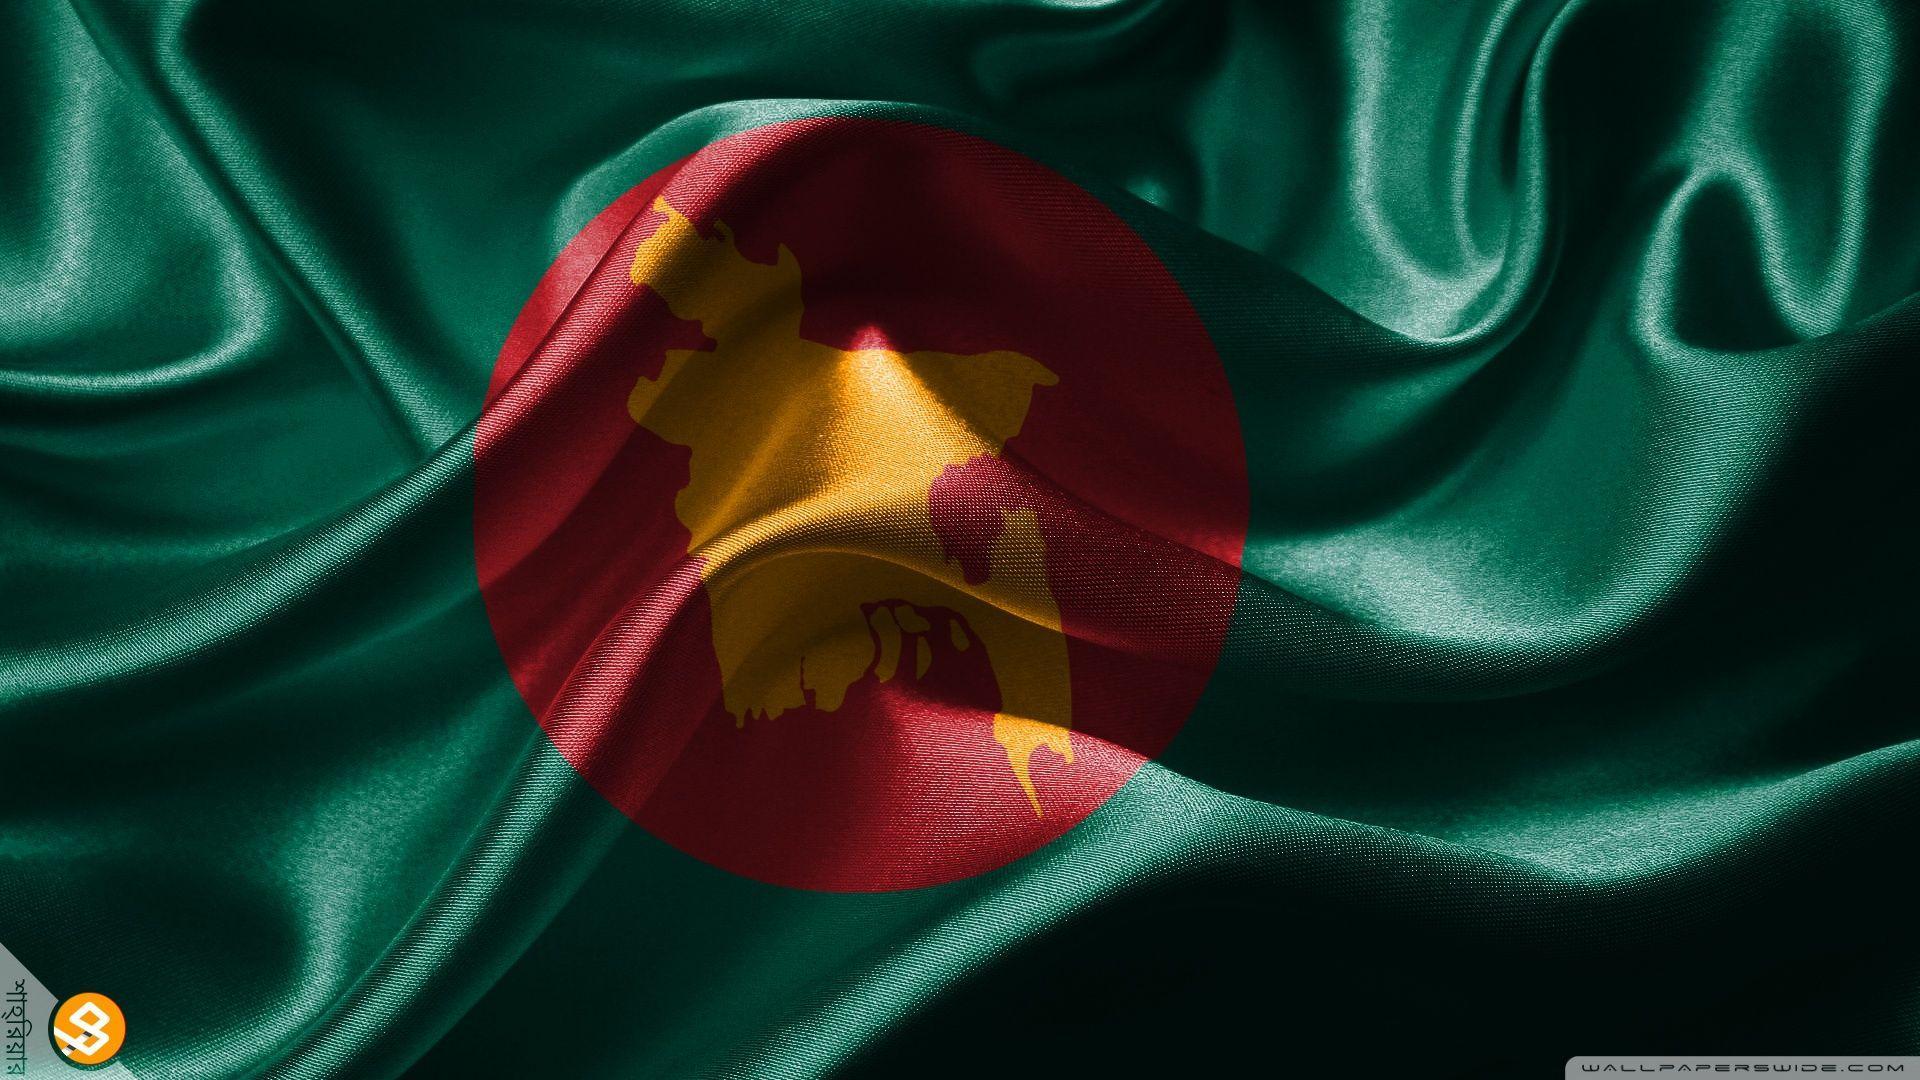 Cool Bangladeshi Flag Wallpapers Top Free Cool Bangladeshi